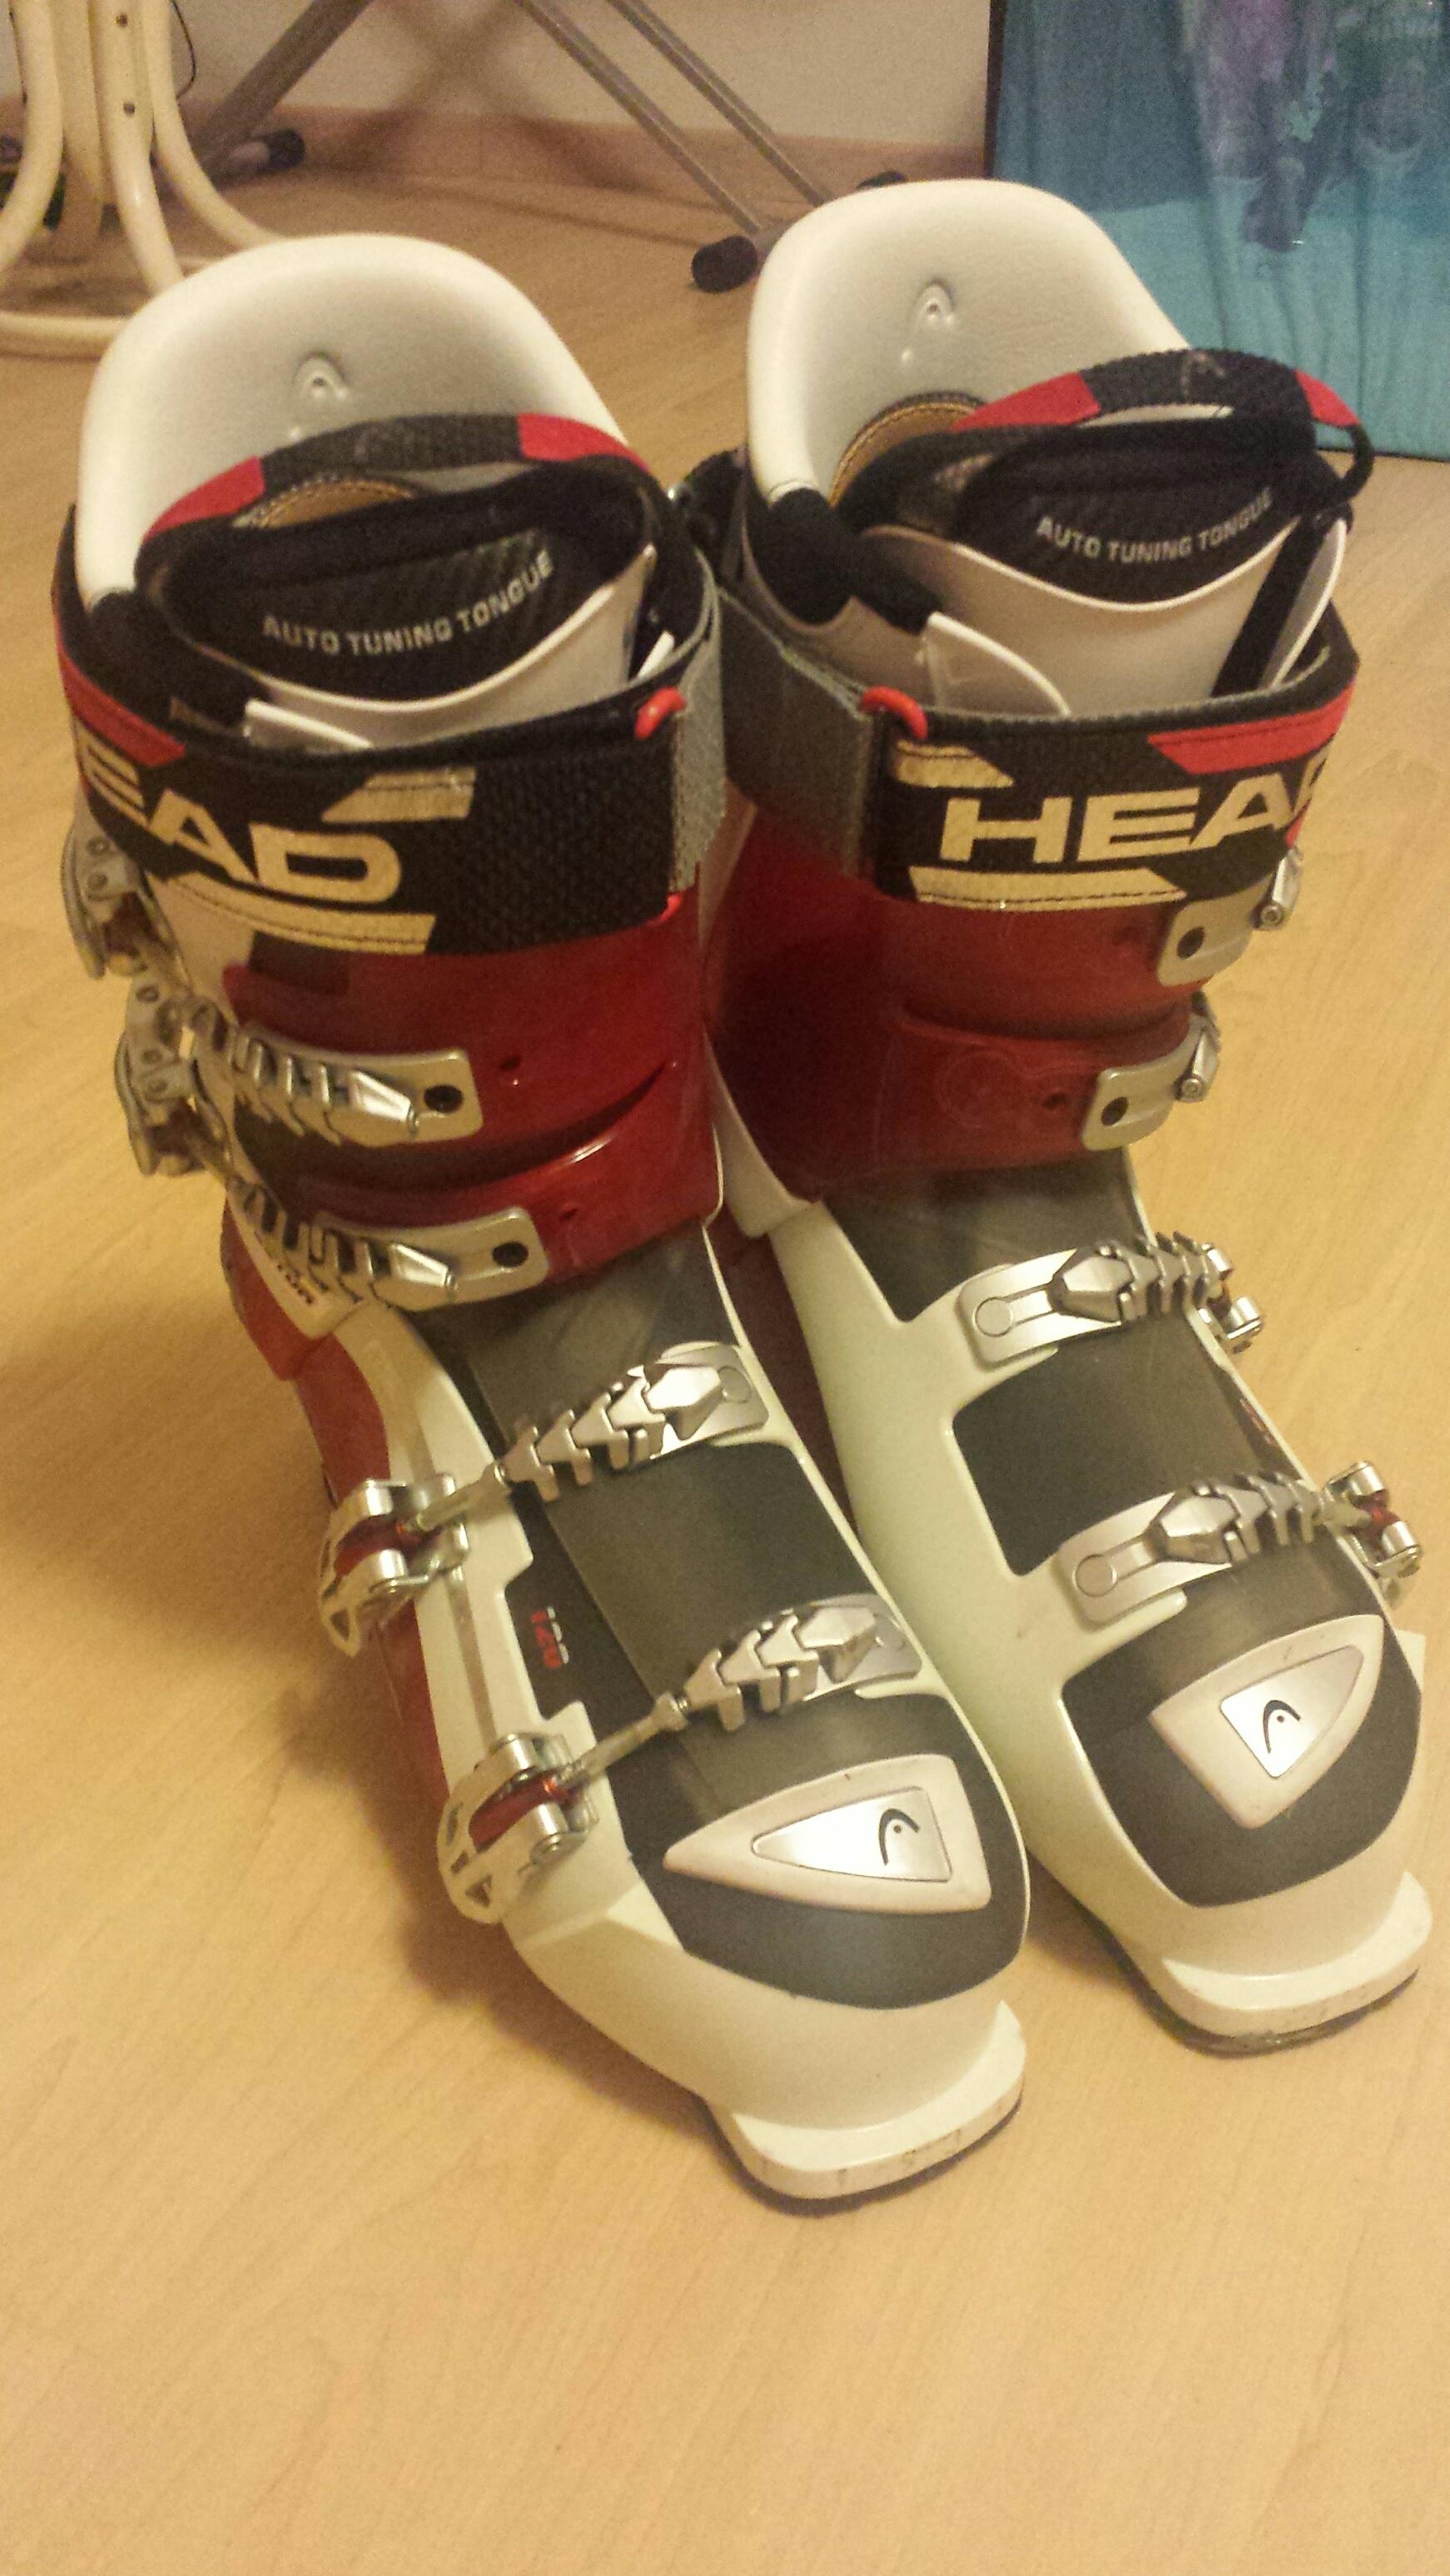 Lyžařské boty Head Vector 120 SH4 - Bazar - SNOW.CZ 8085d90c8e